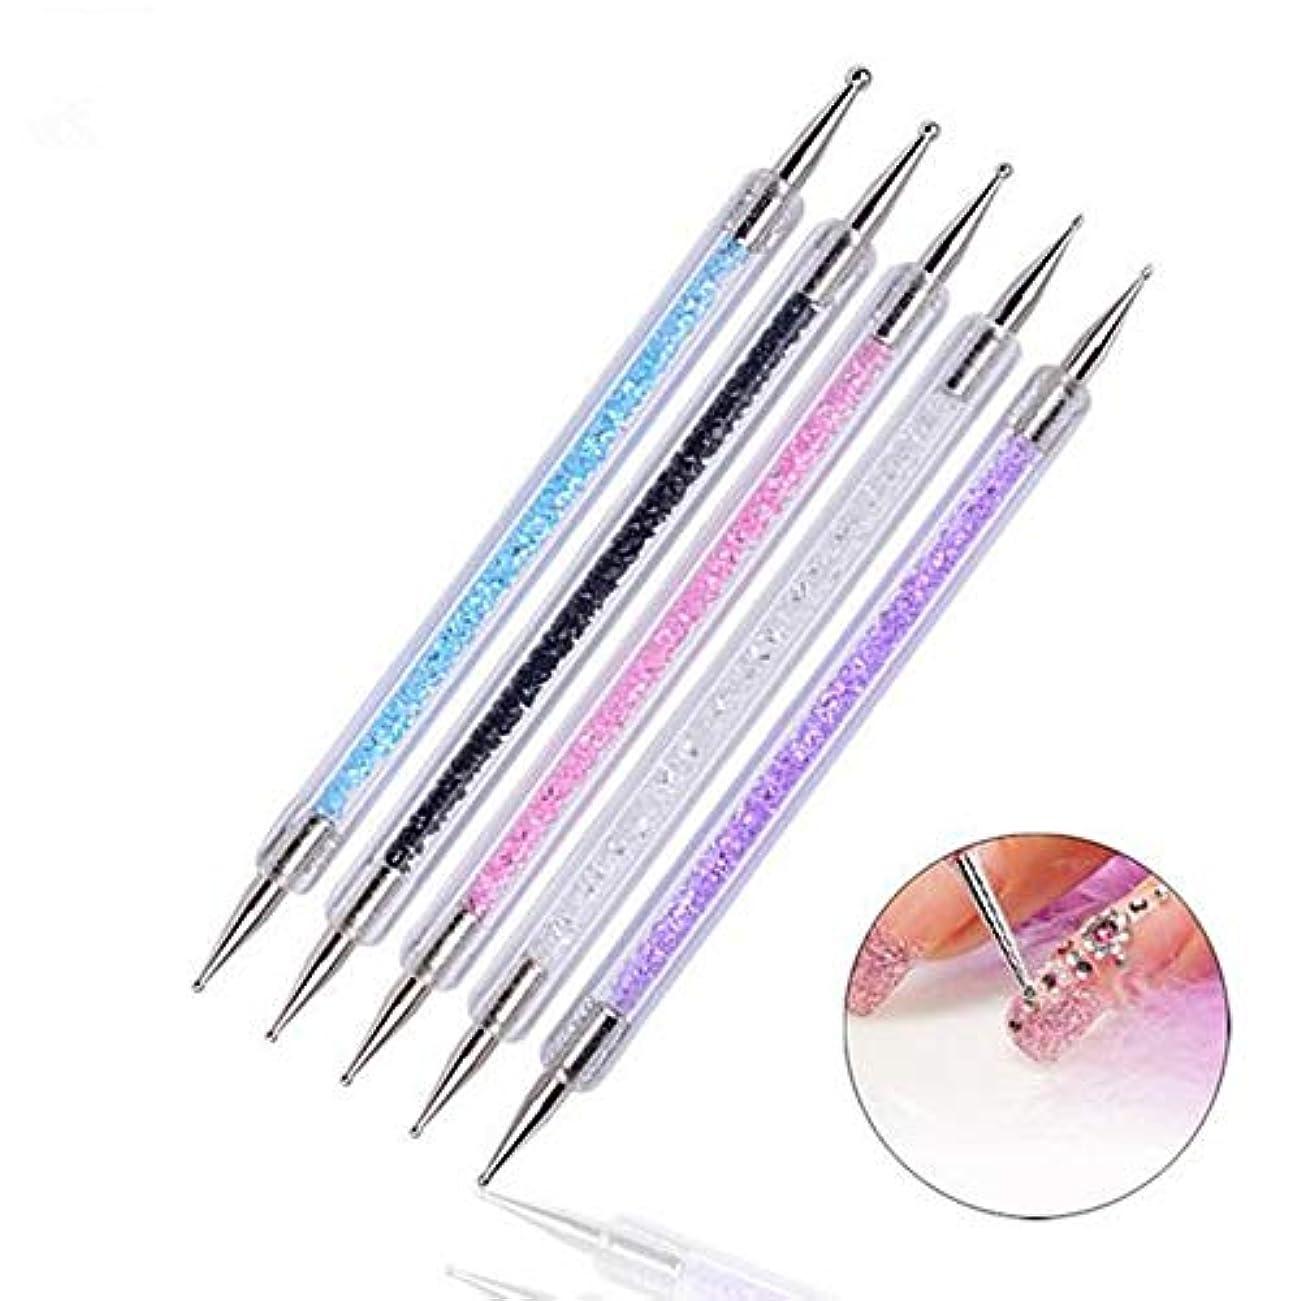 ヒューズ水平クレジットKingsie ネイルアートペン ドッティングペン 5本セット ラインストーン ドットペン ネイルデザイン マニキュアツール